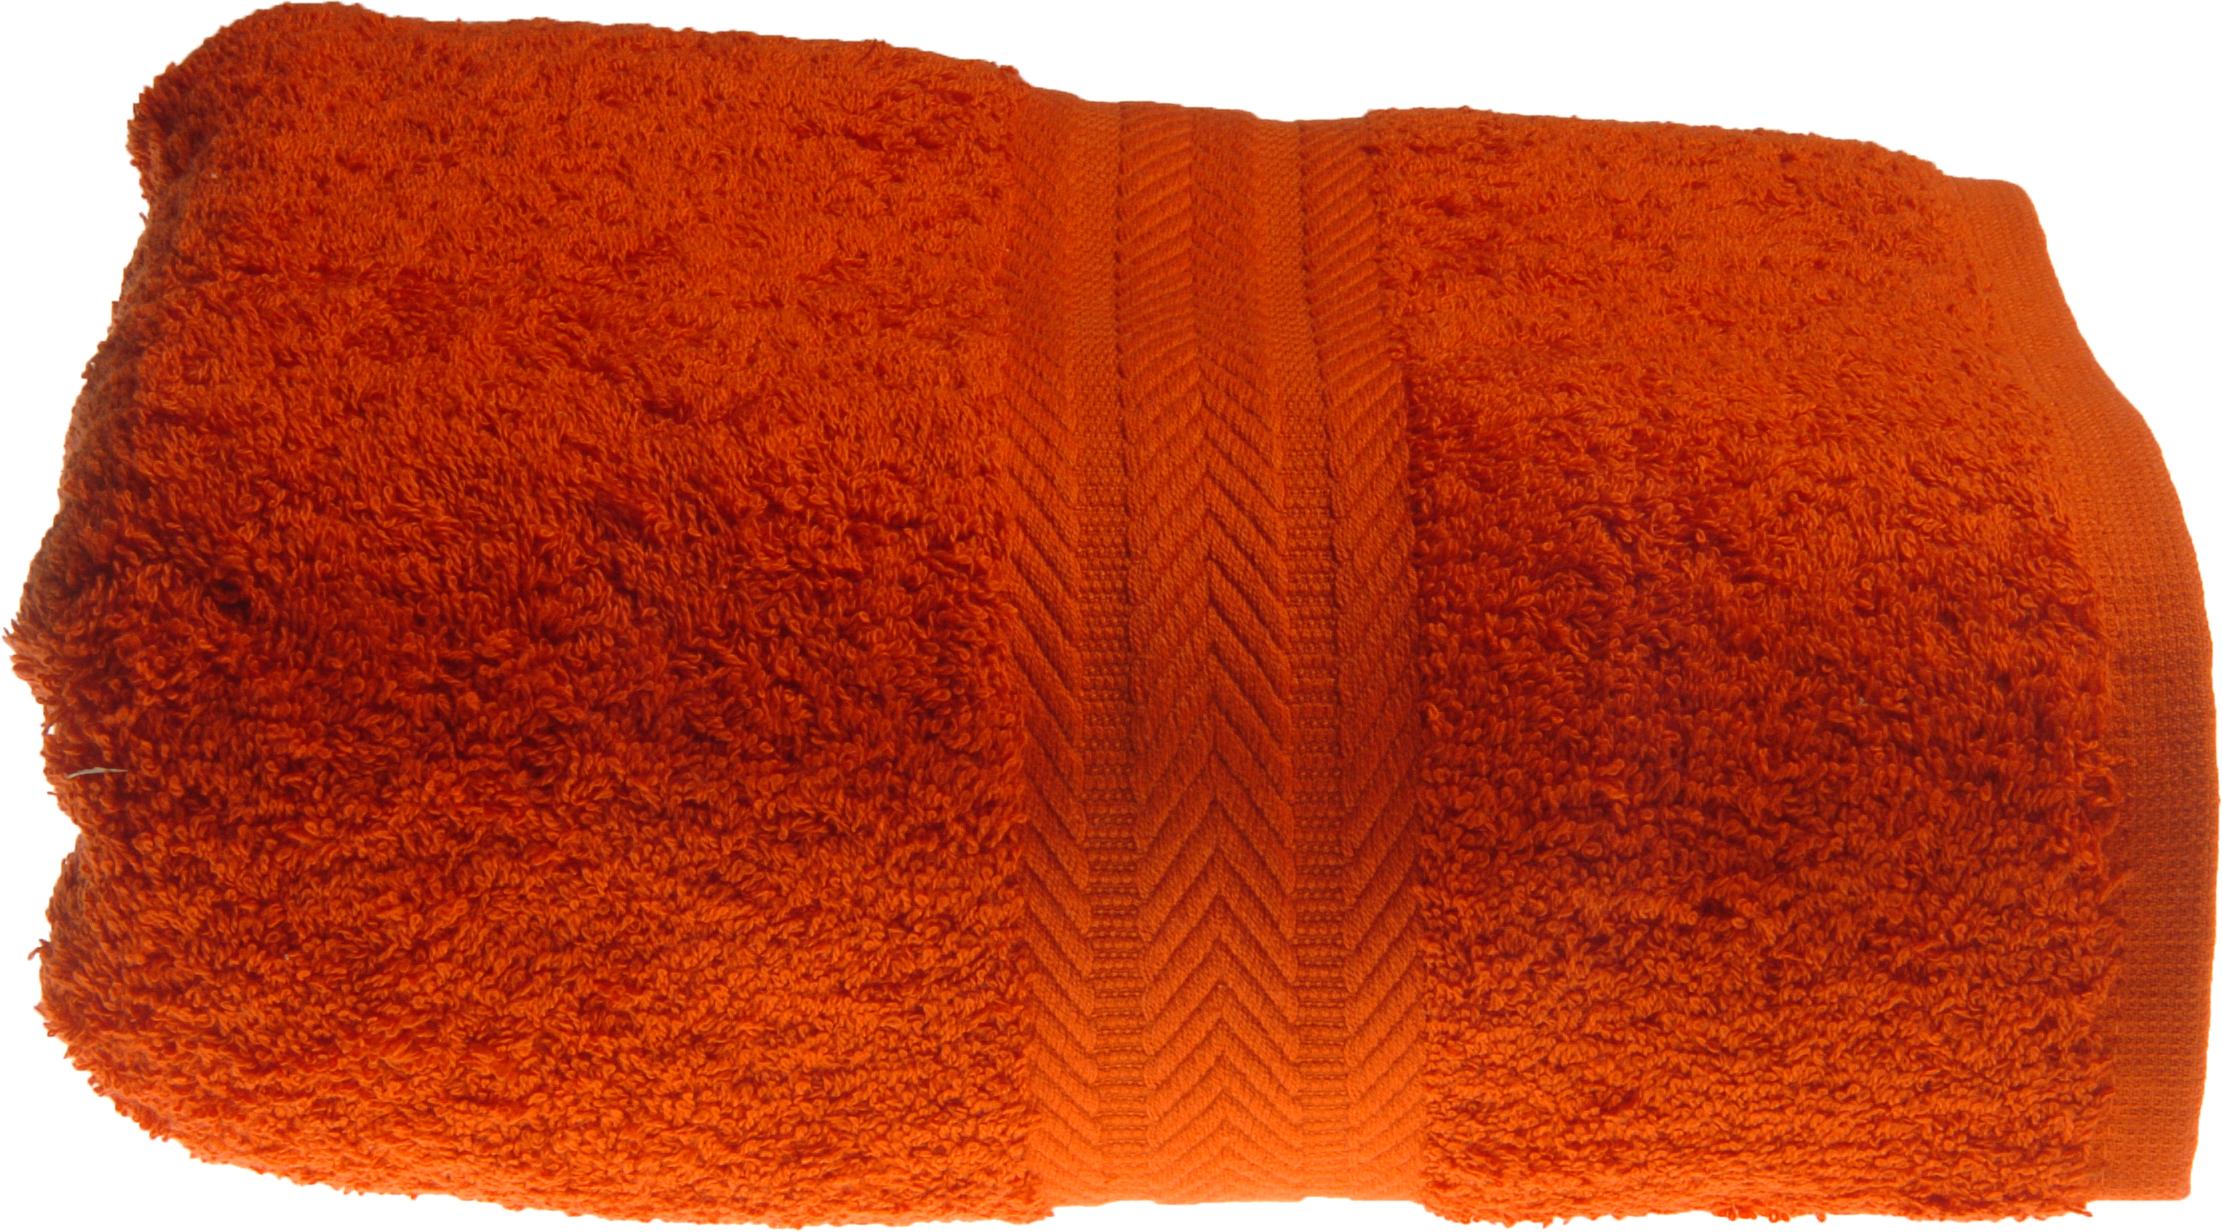 Serviette de toilette 50 x 100 cm en Coton couleur Terracota (Terracota)